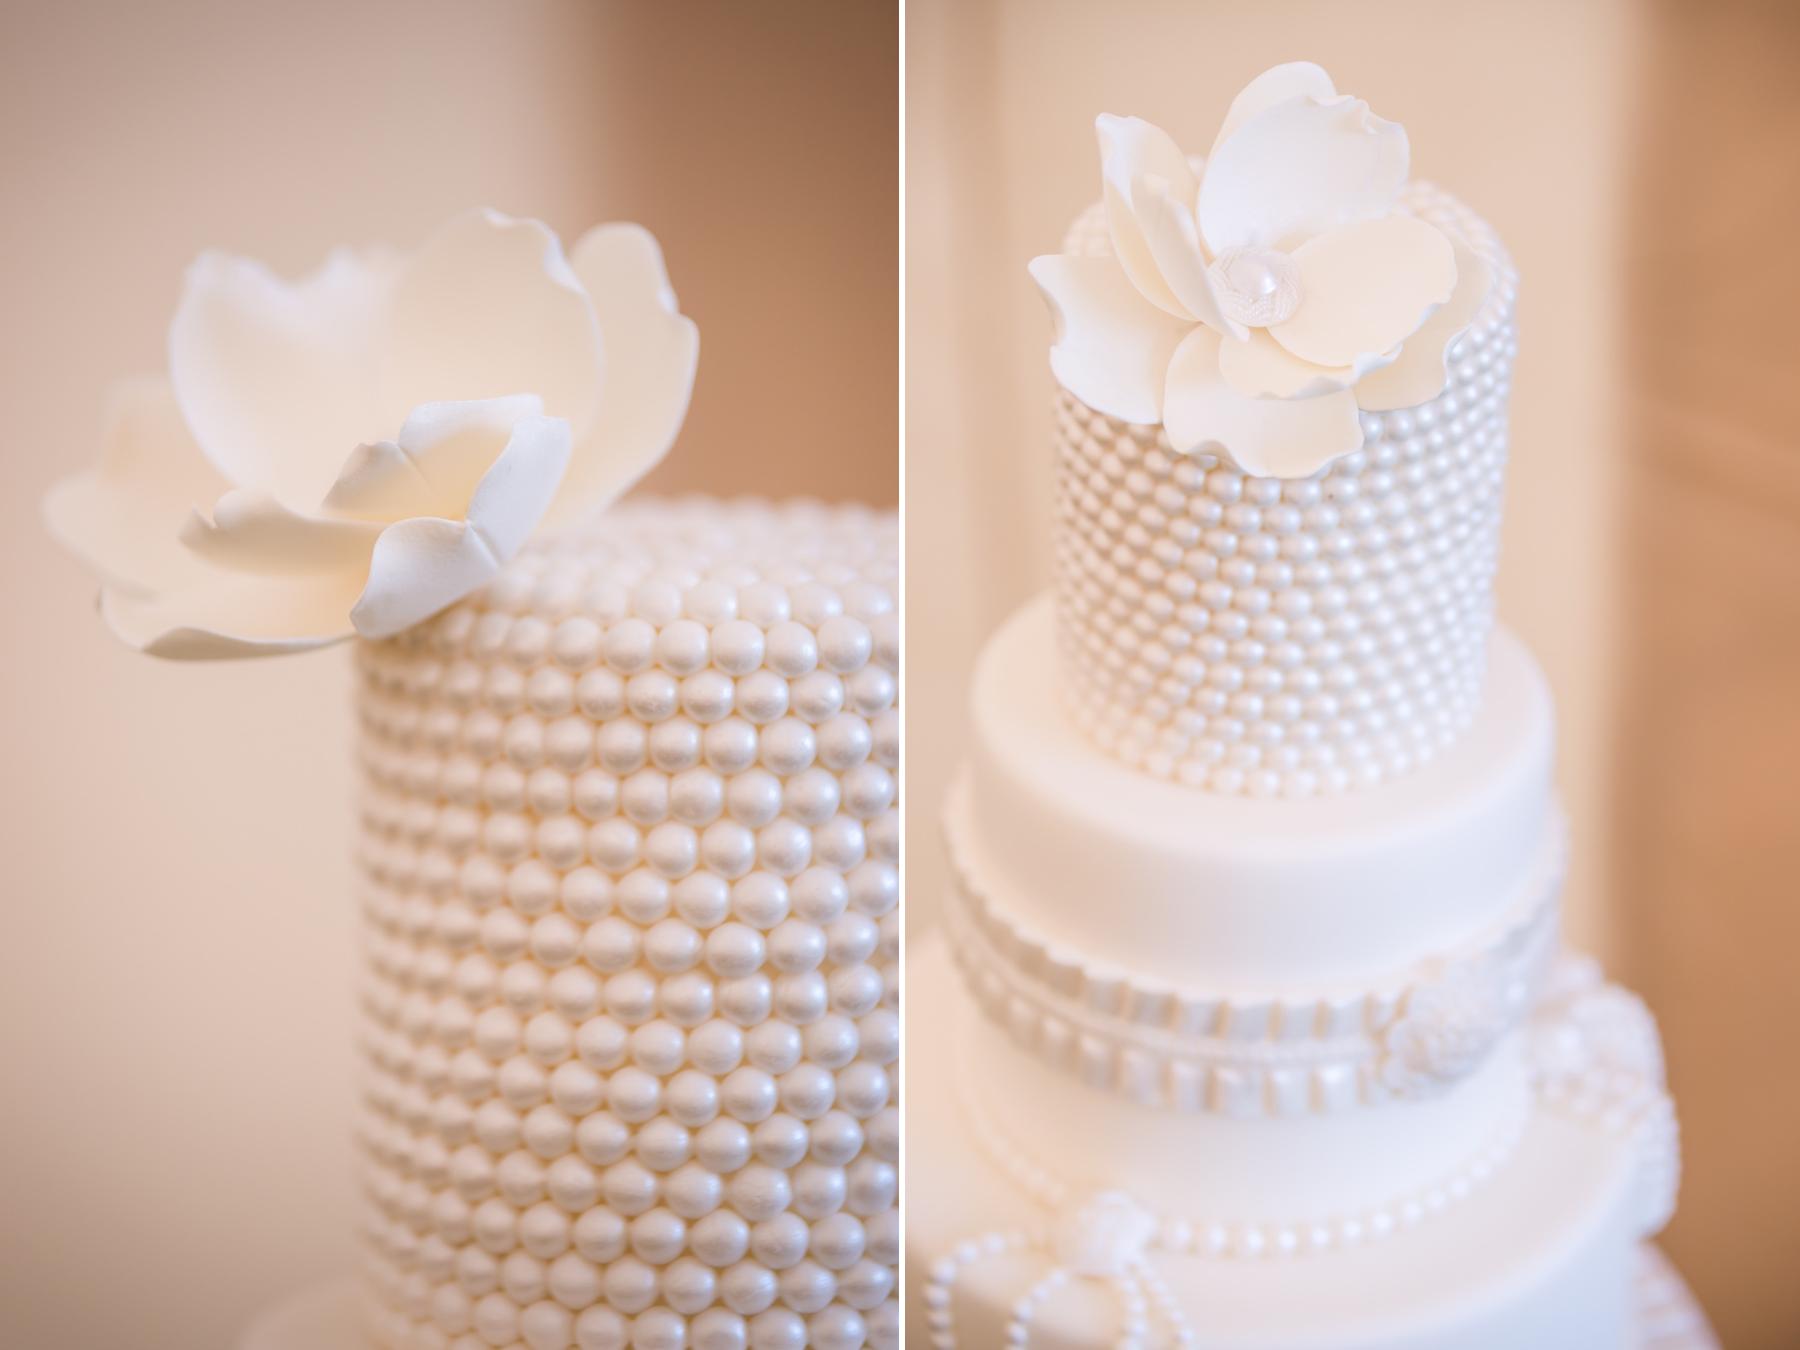 Посыпка декоративная белый жемчуг для свадебного торта